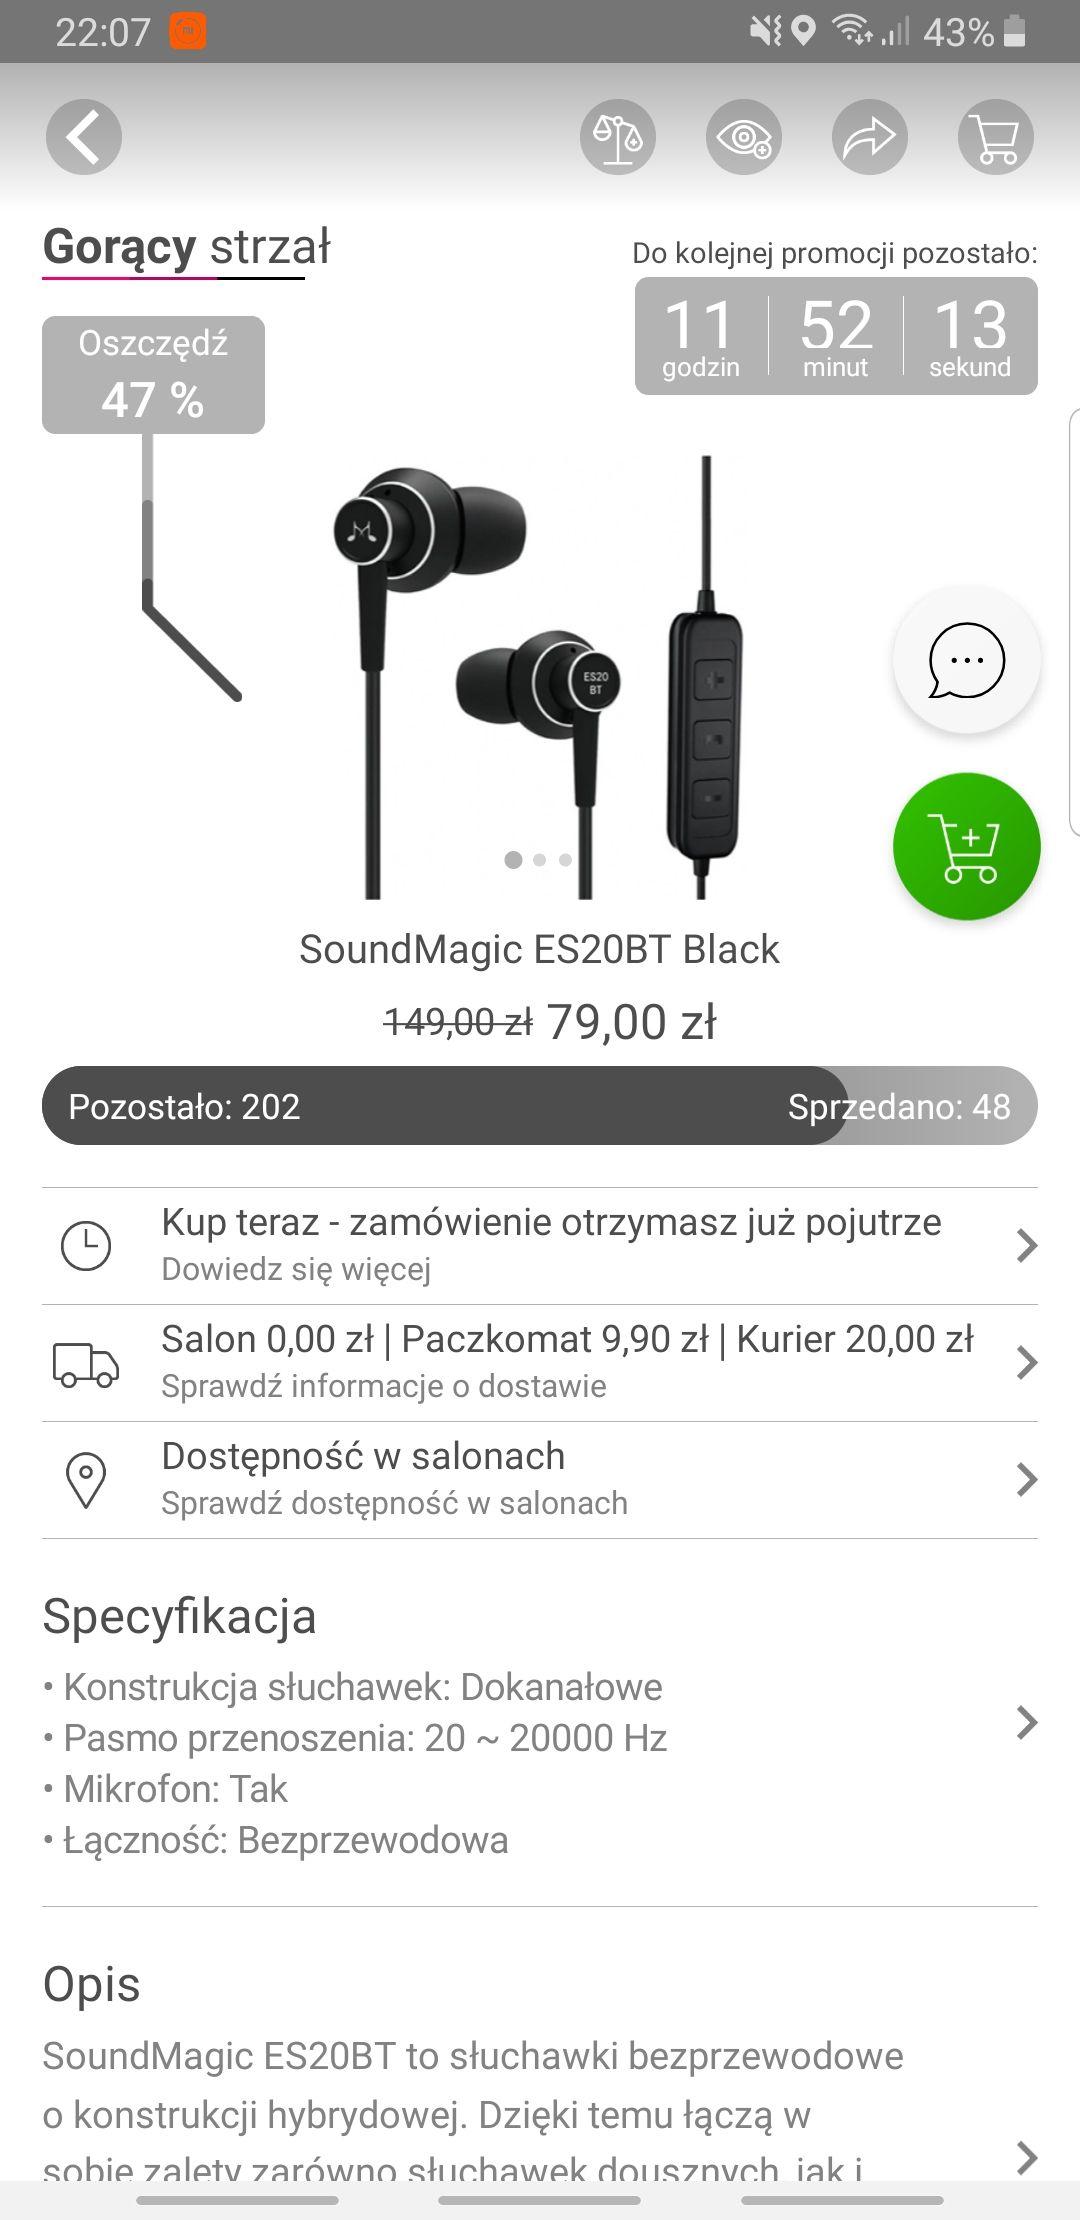 Soundmagic ES20BT